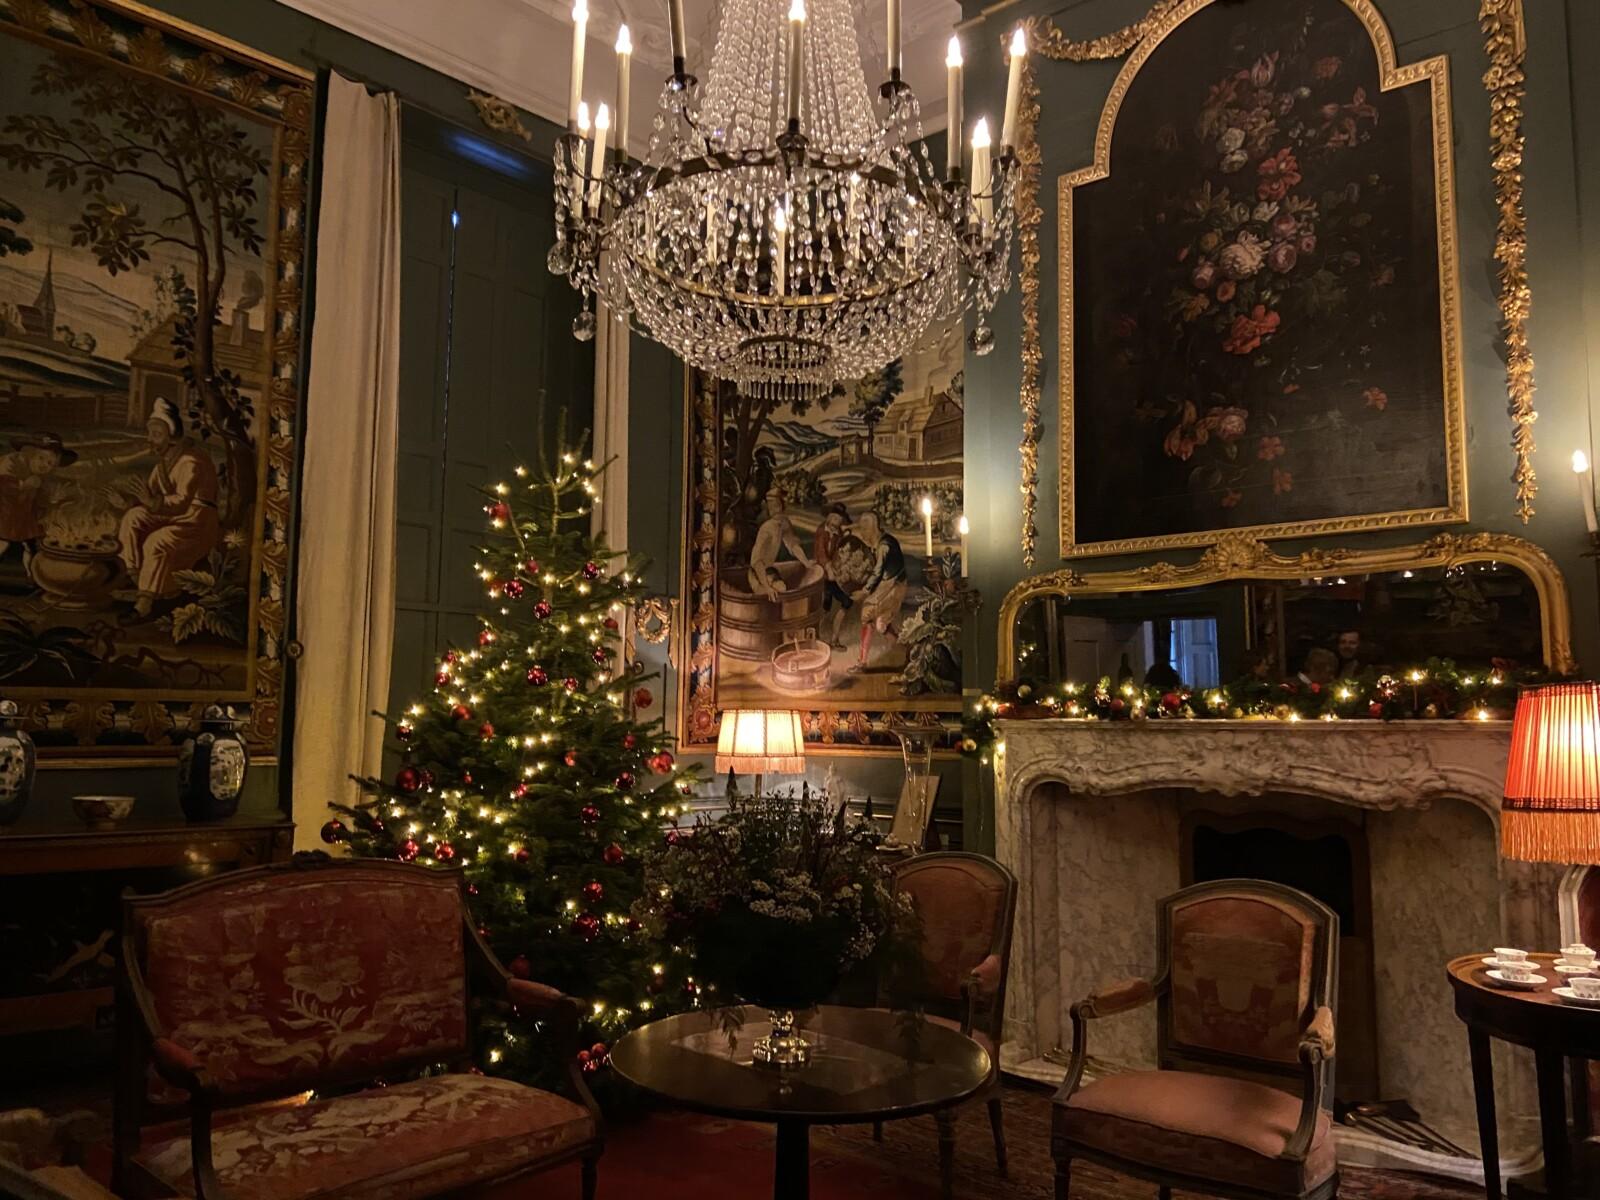 Keizerlijke Kerst in Kasteel Amerongen